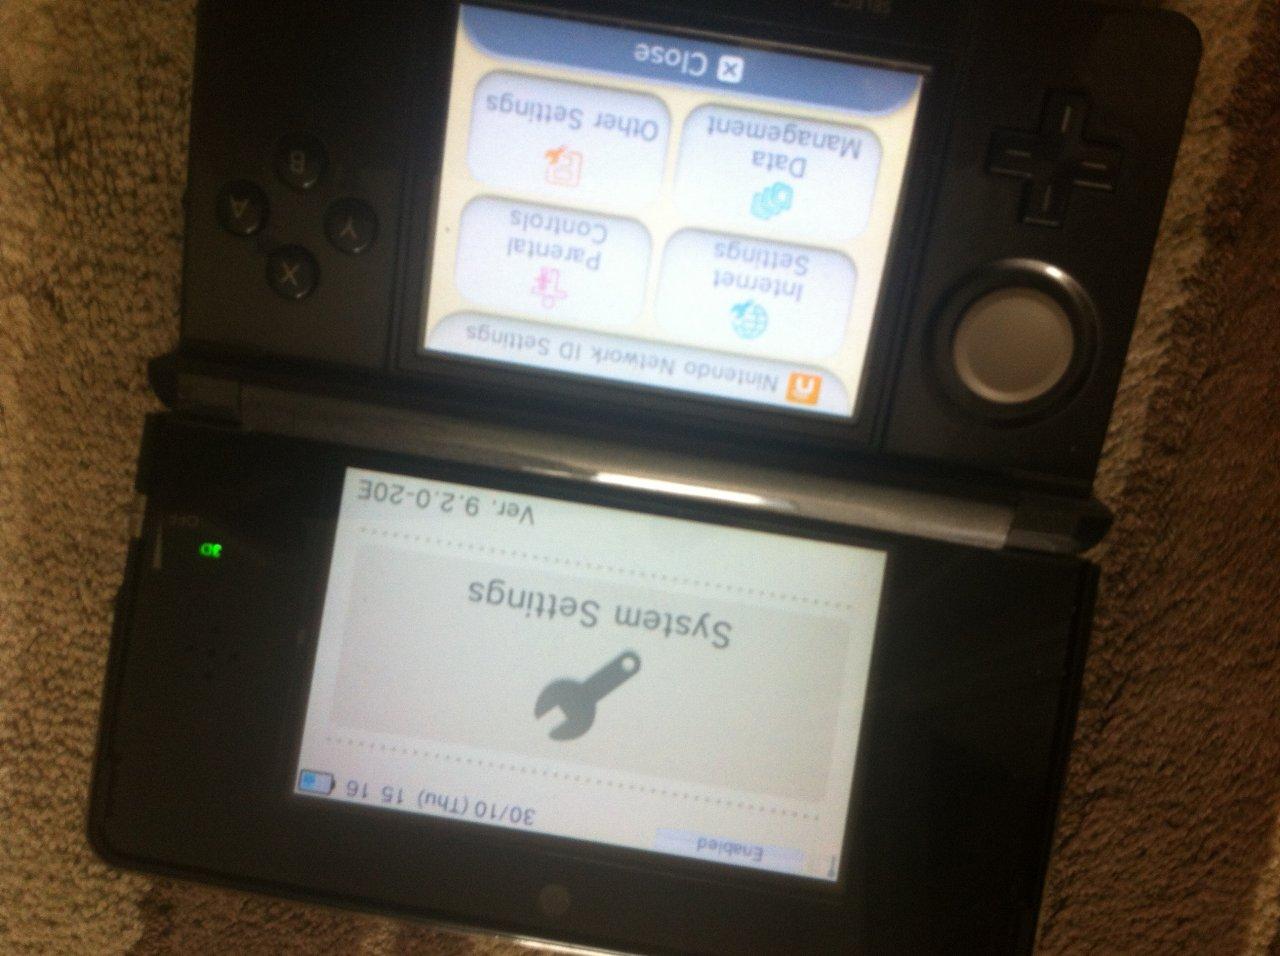 Nintendo 3DS 3010